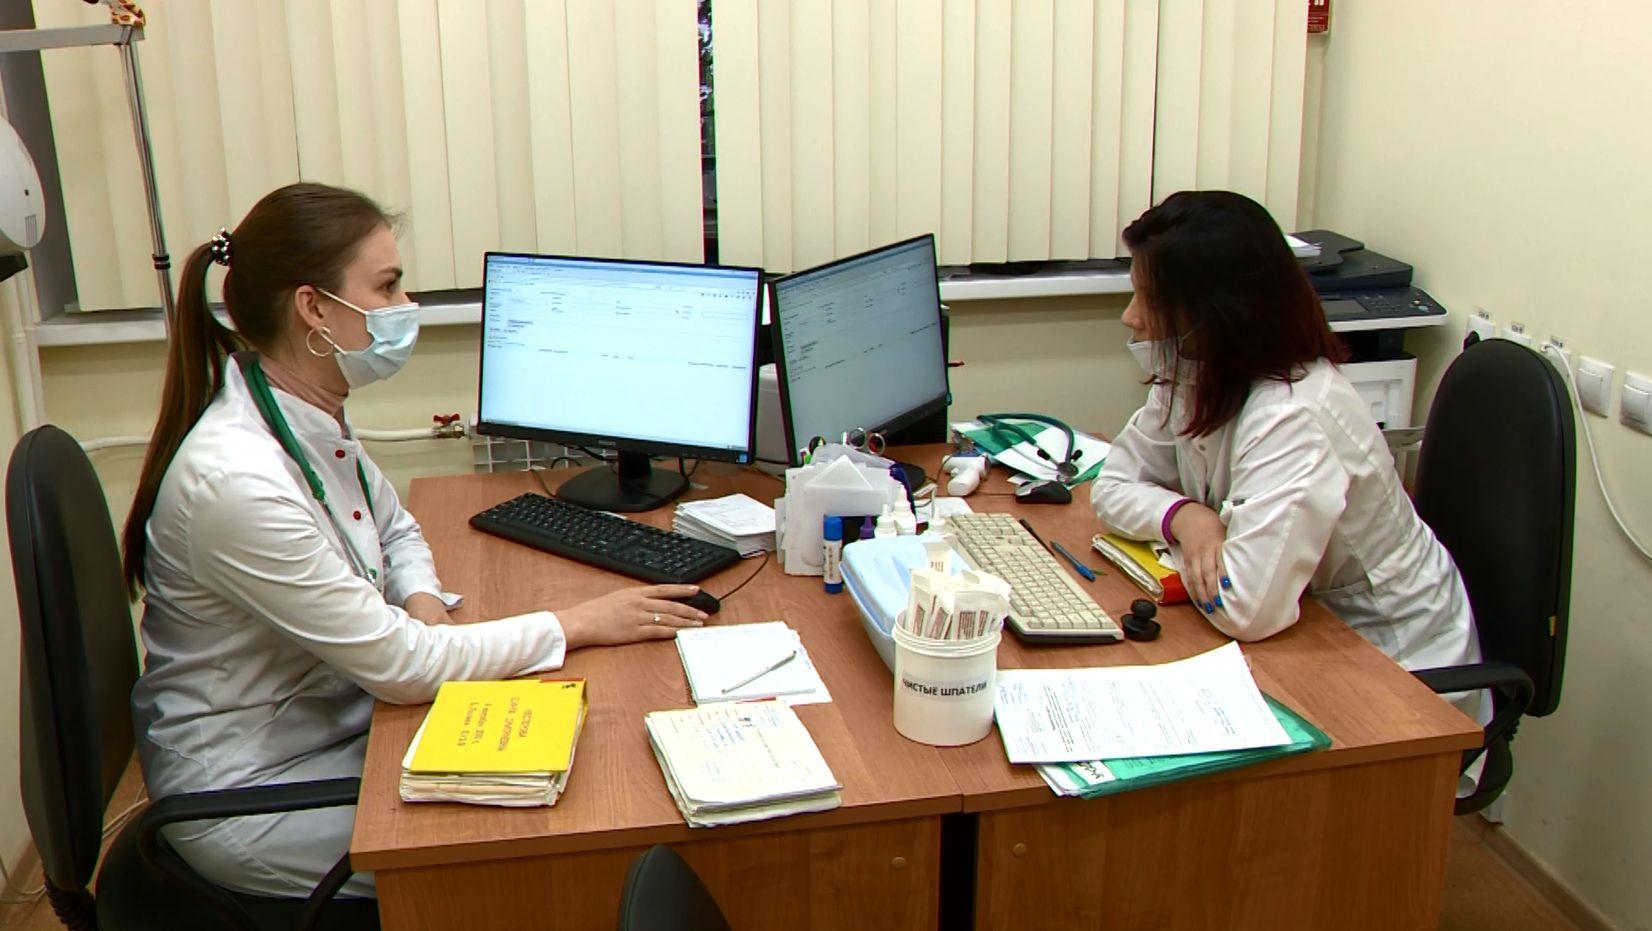 Совет Ярославского медуниверситета отправил ординаторов первого года обучения помогать врачам в городских больницах